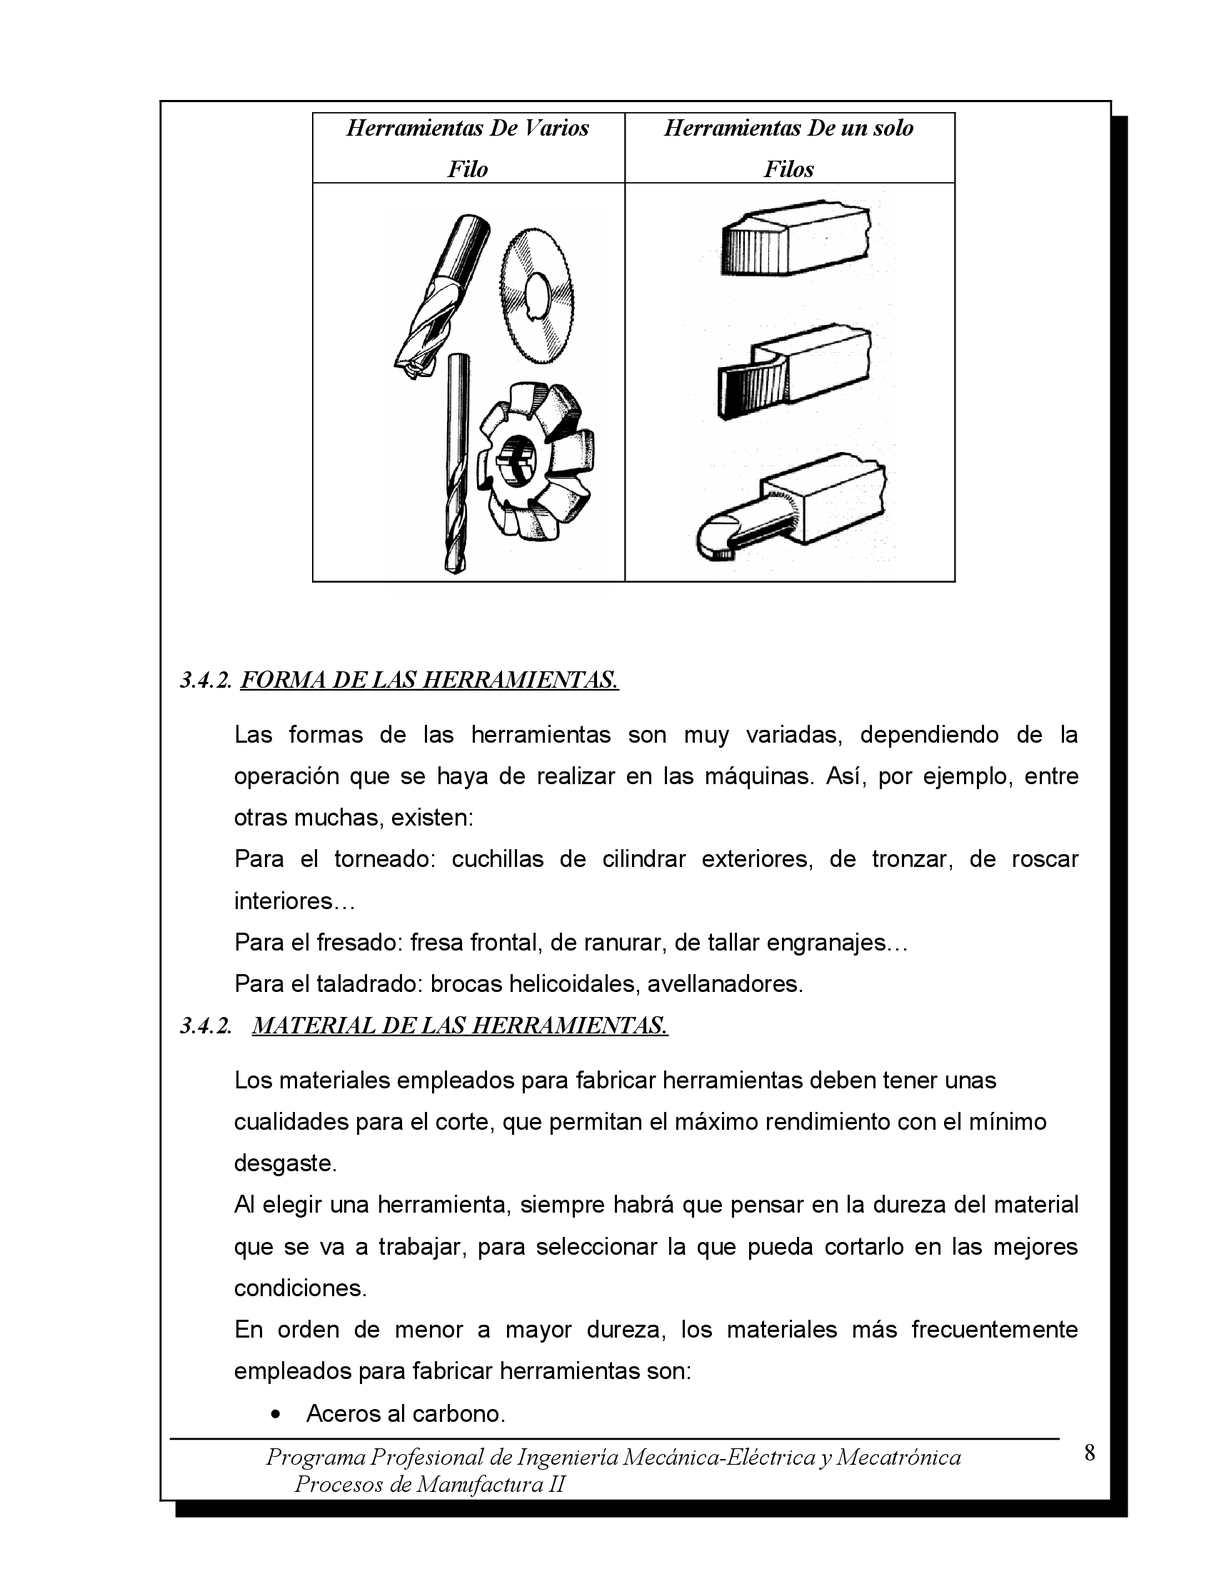 Increíble Reanudar Fresas De Ingeniería Mecánica Ilustración ...